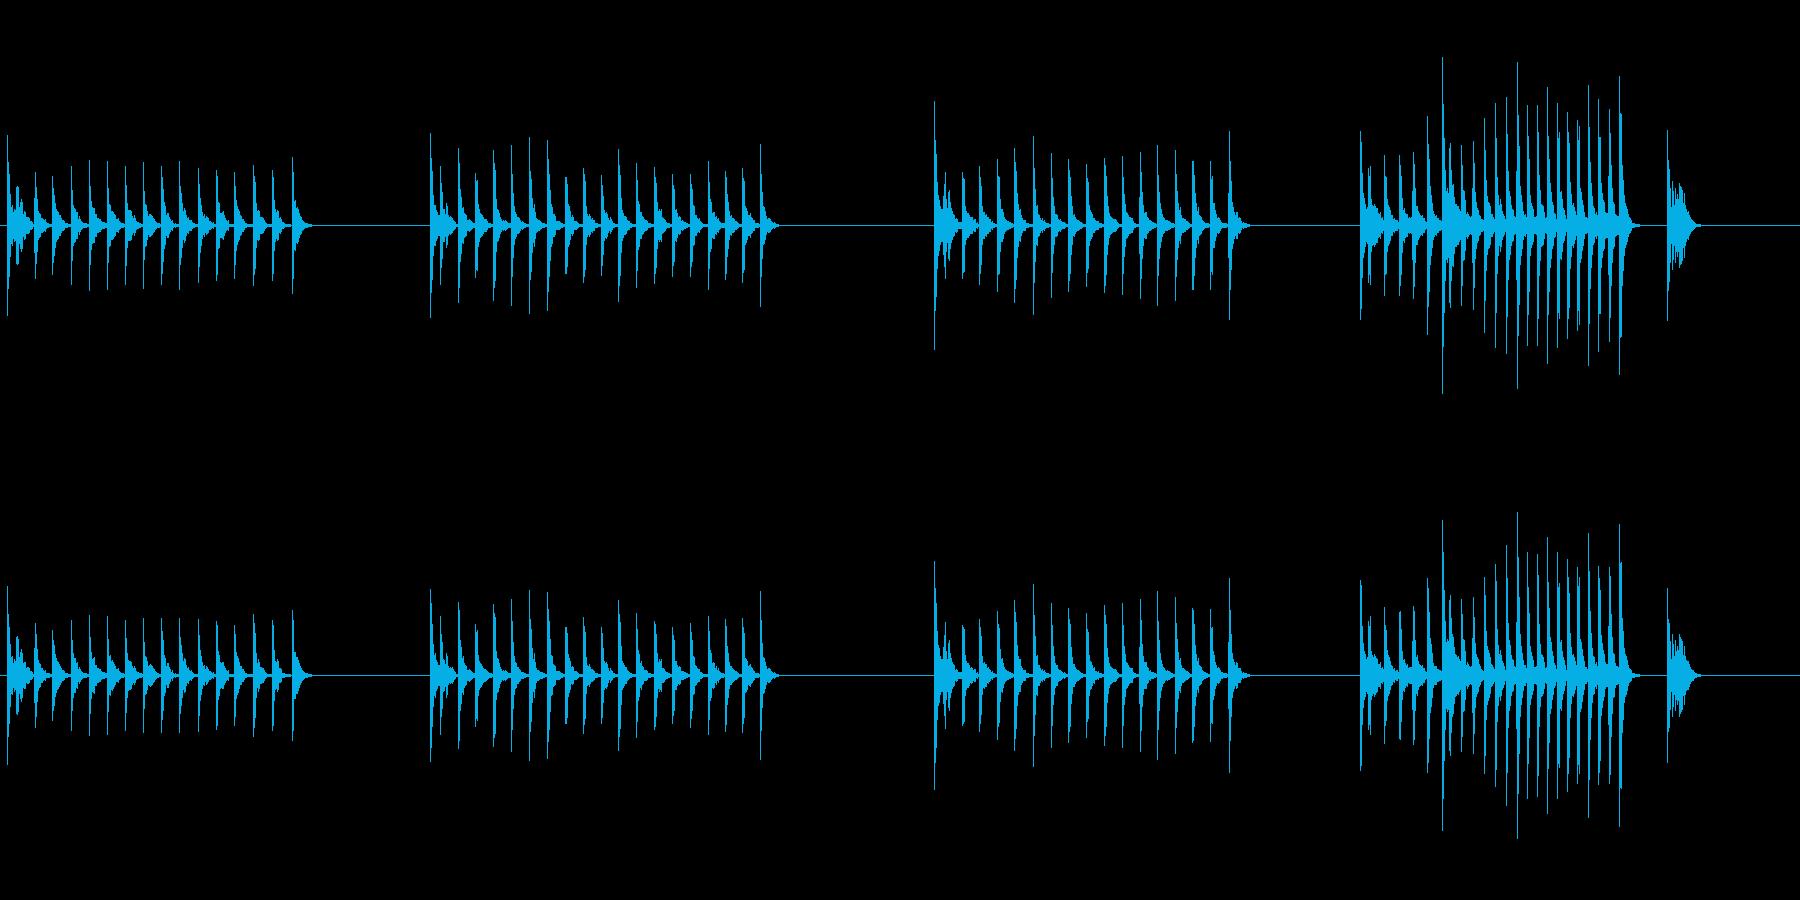 大太鼓22山ヲロシ歌舞伎情景描写和風和太の再生済みの波形